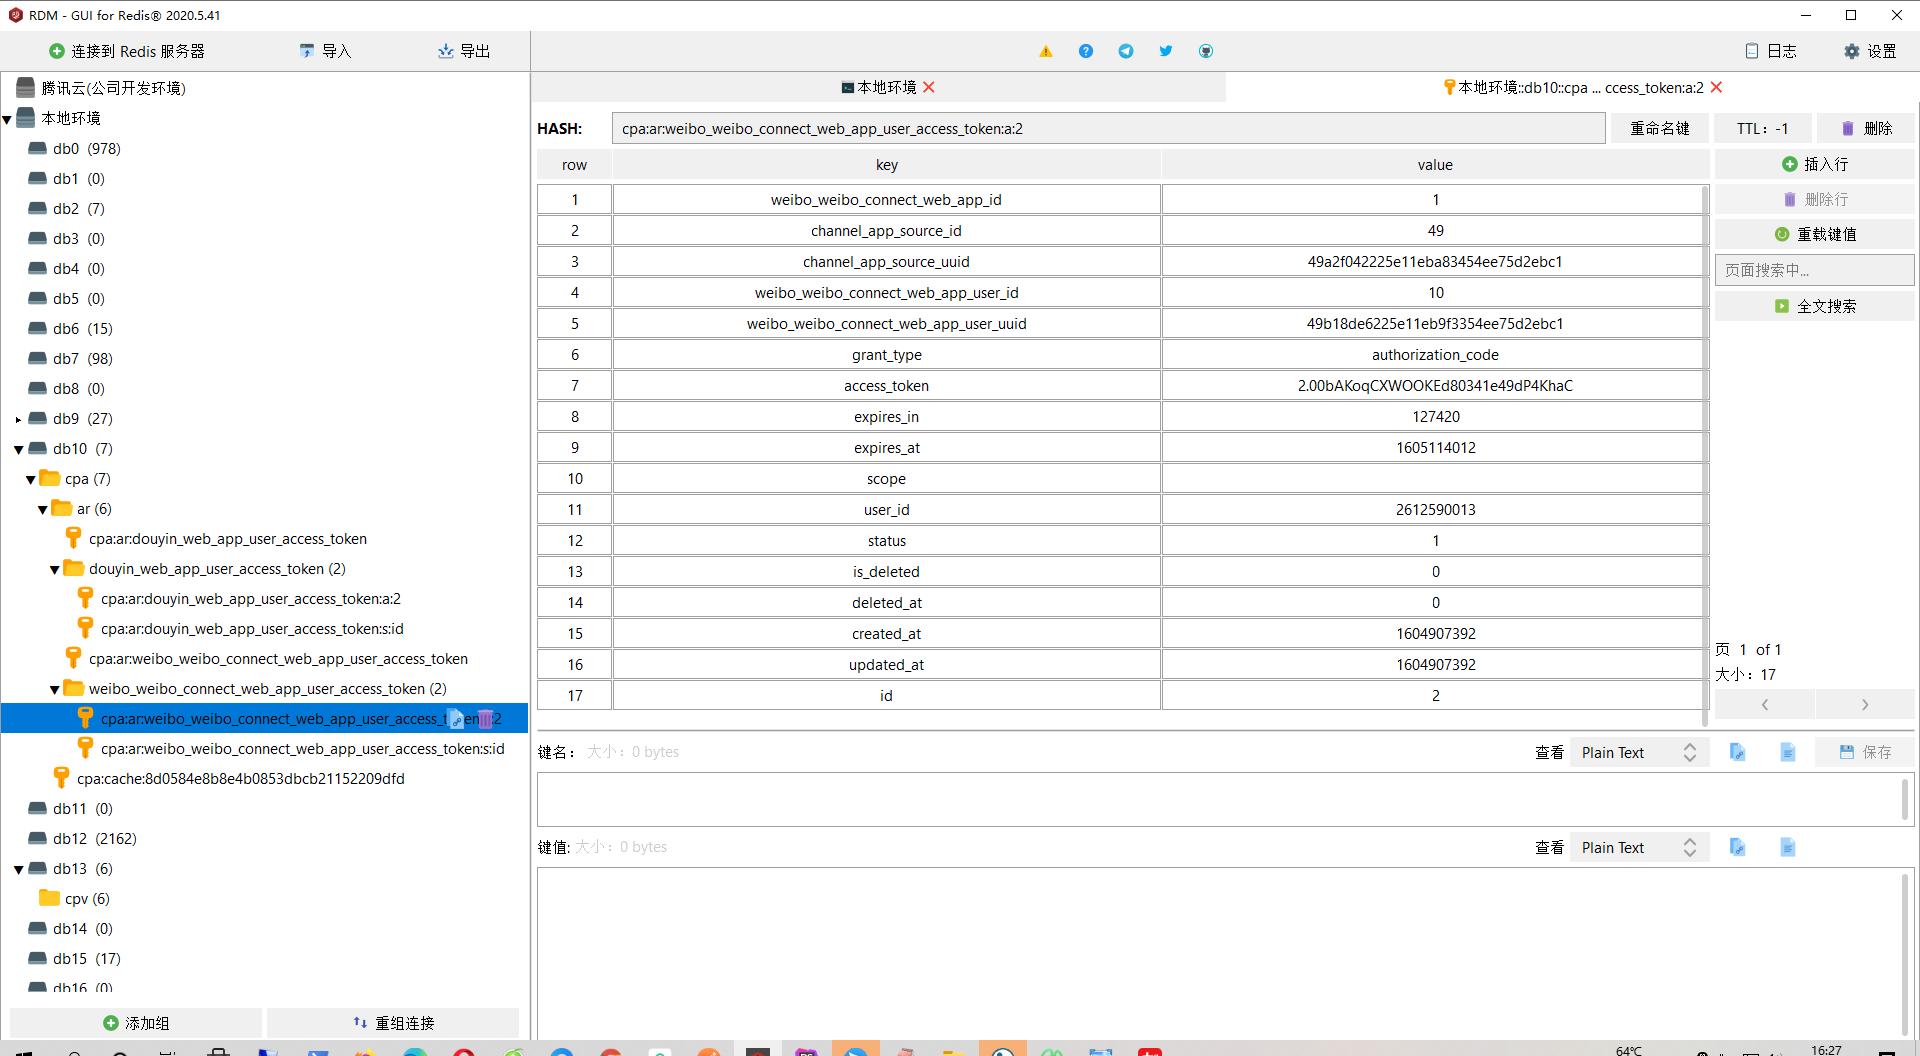 在 Yii 2.0 中,Redis 的活动记录(Active Record),基于 row 查看结构,与模型字段顺序一致(在另一个类似结构的模型中)。